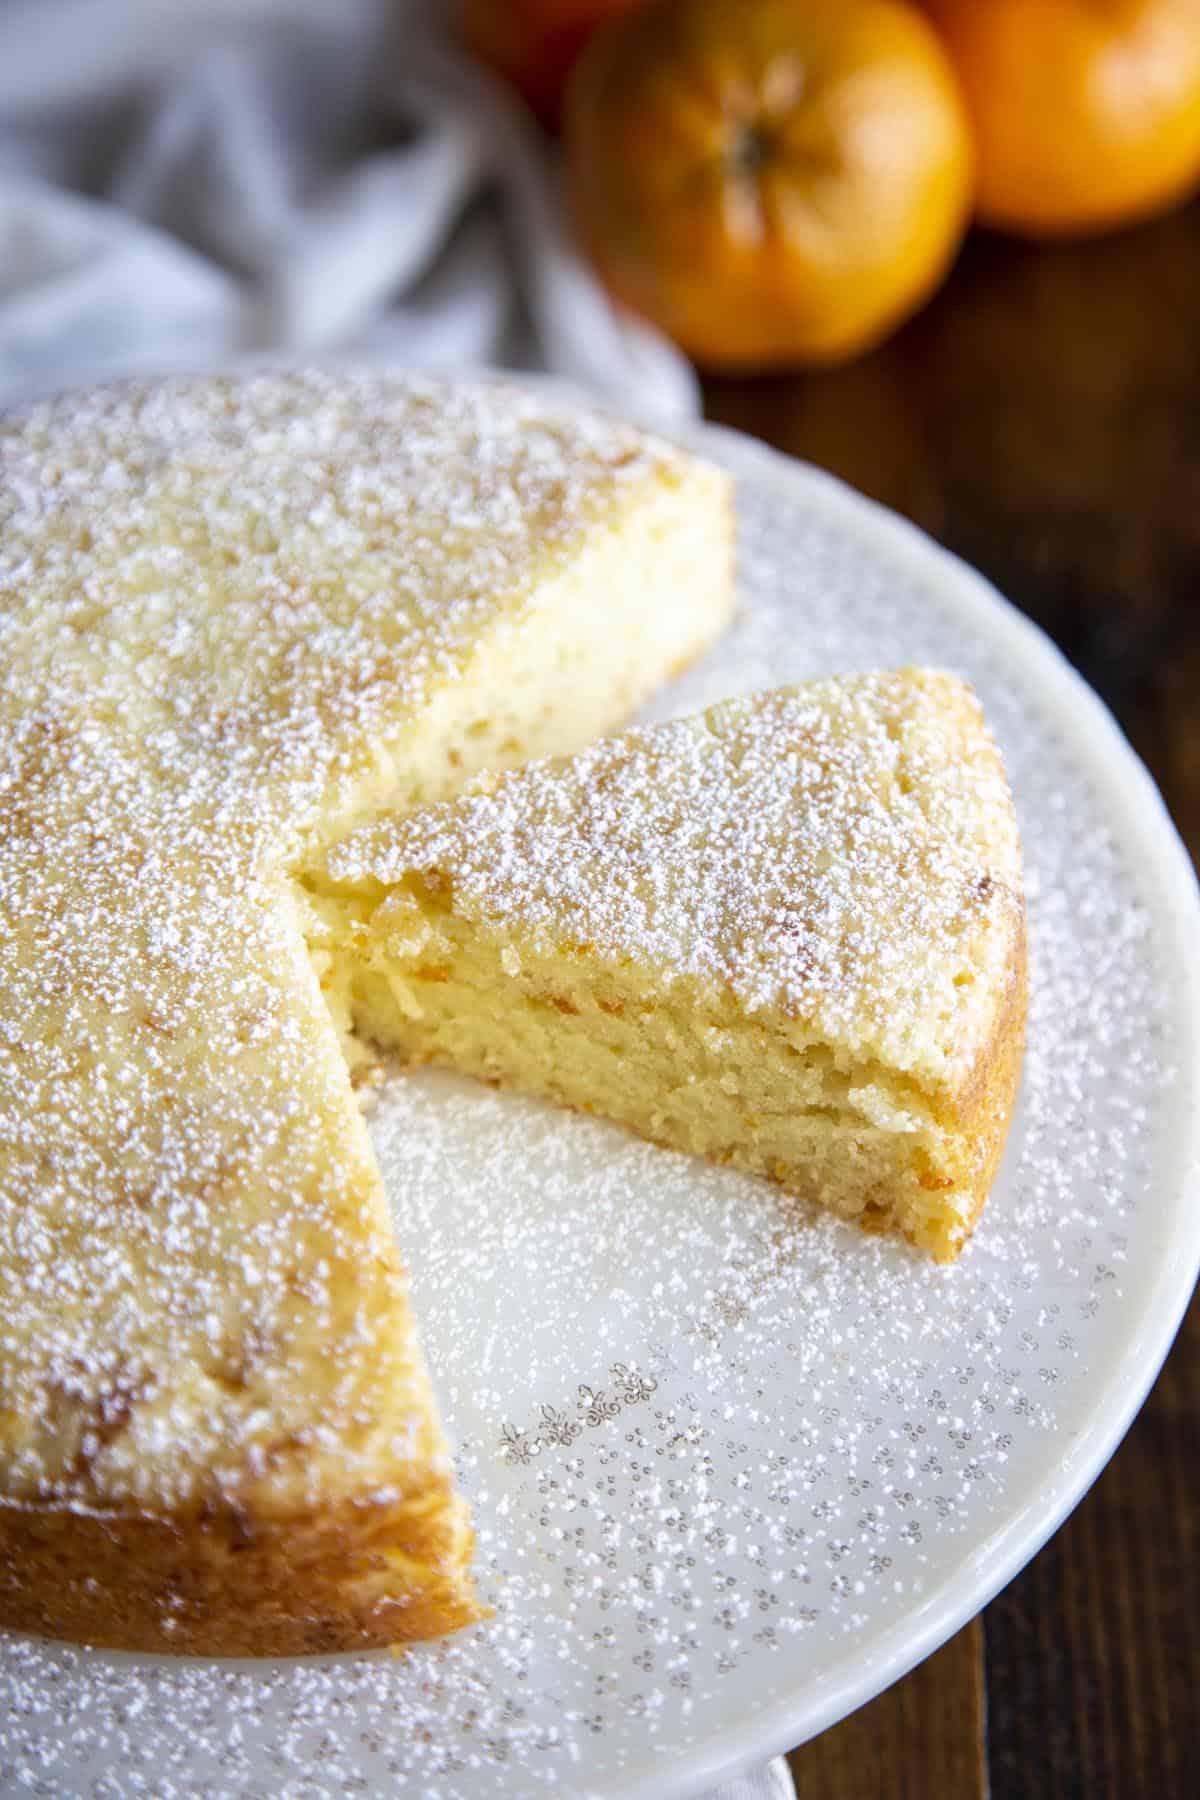 Scooping Tangerine Olive Oil Cake batter into mini bundt pans